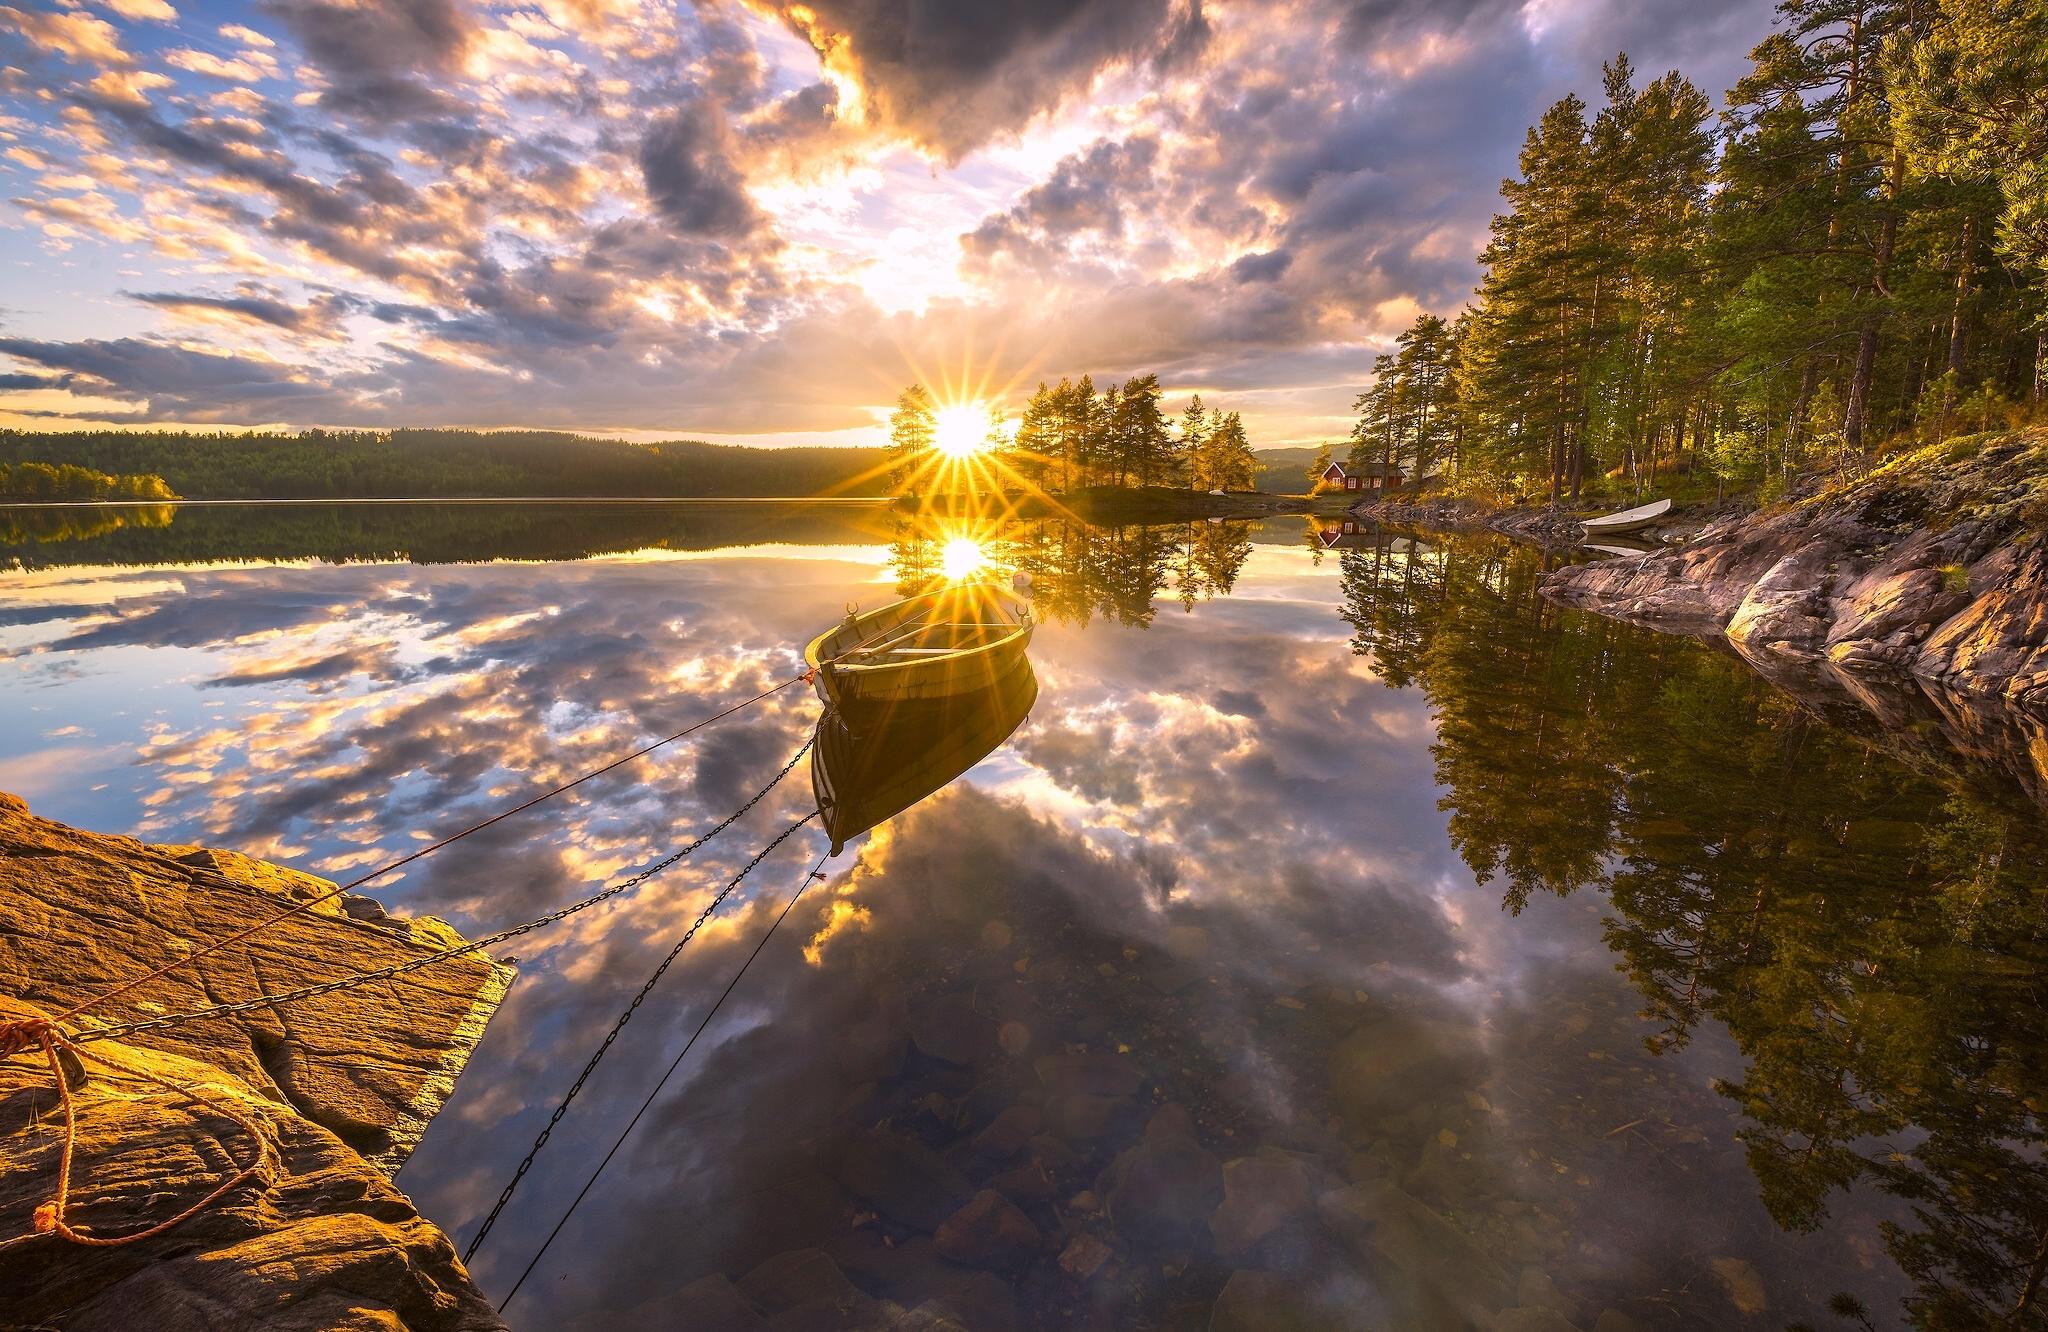 природа солнце озеро отражение деревья загрузить